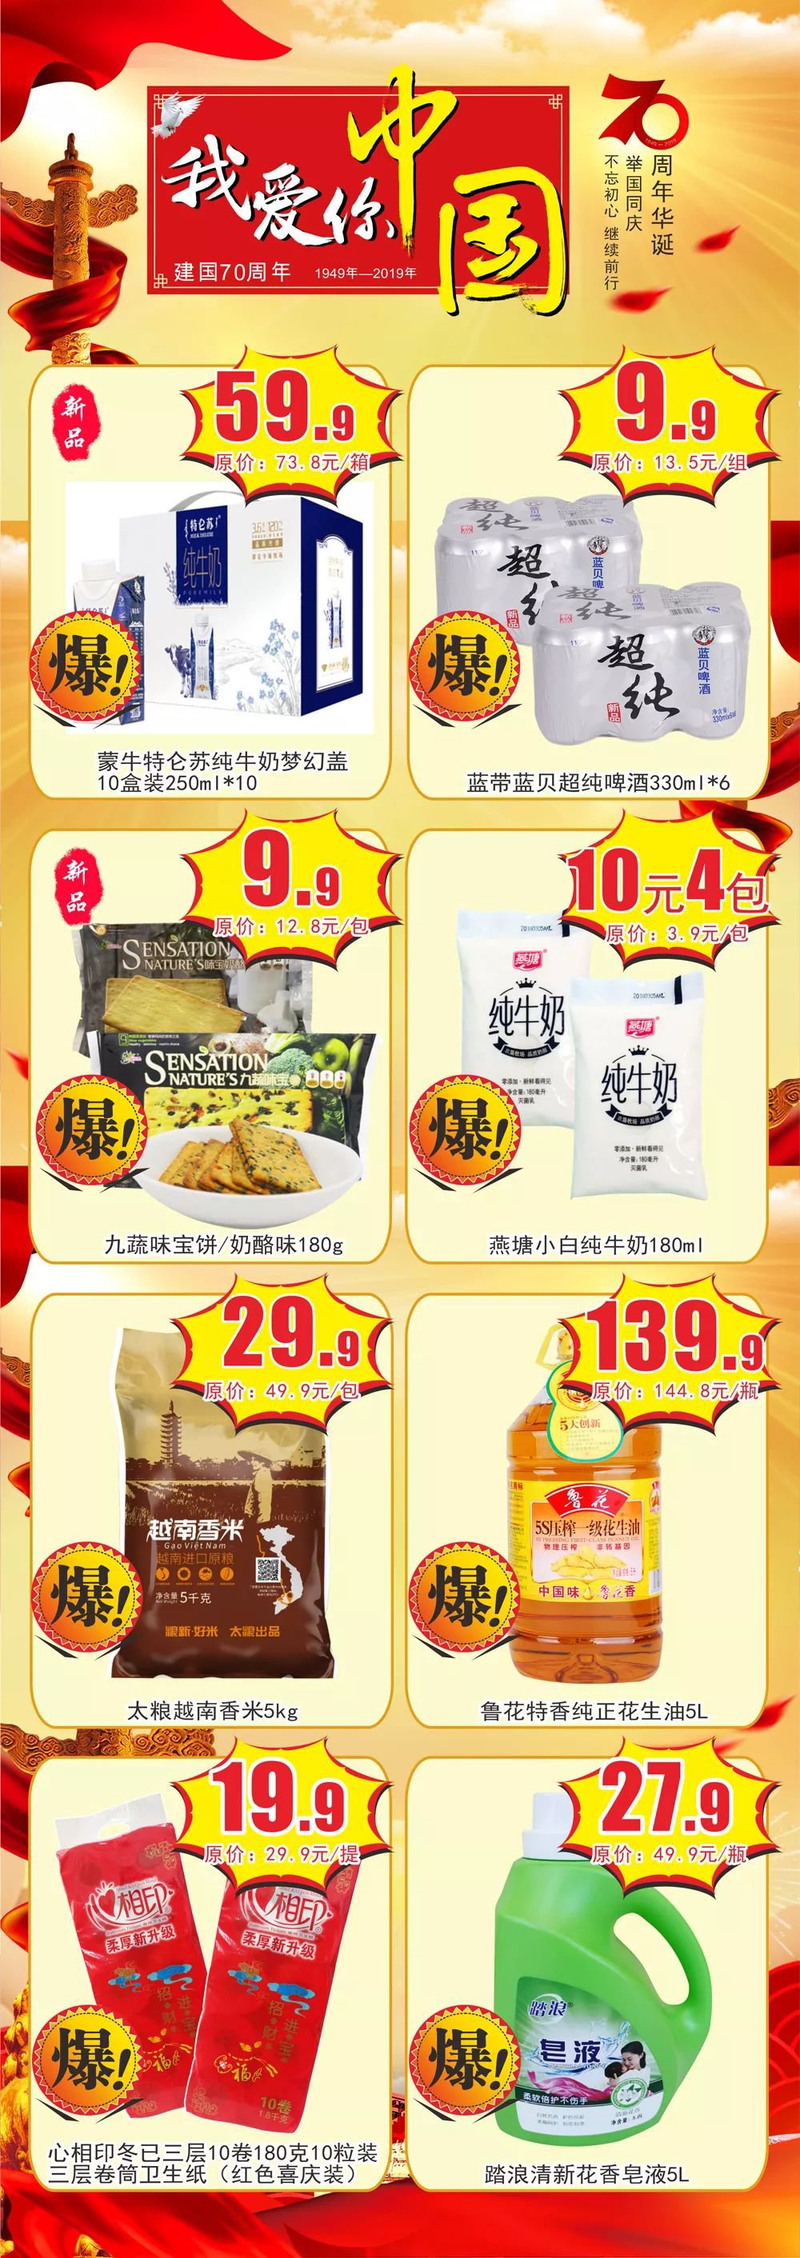 西亚兴安生活超市   国庆献礼优惠(9.28-10.7)